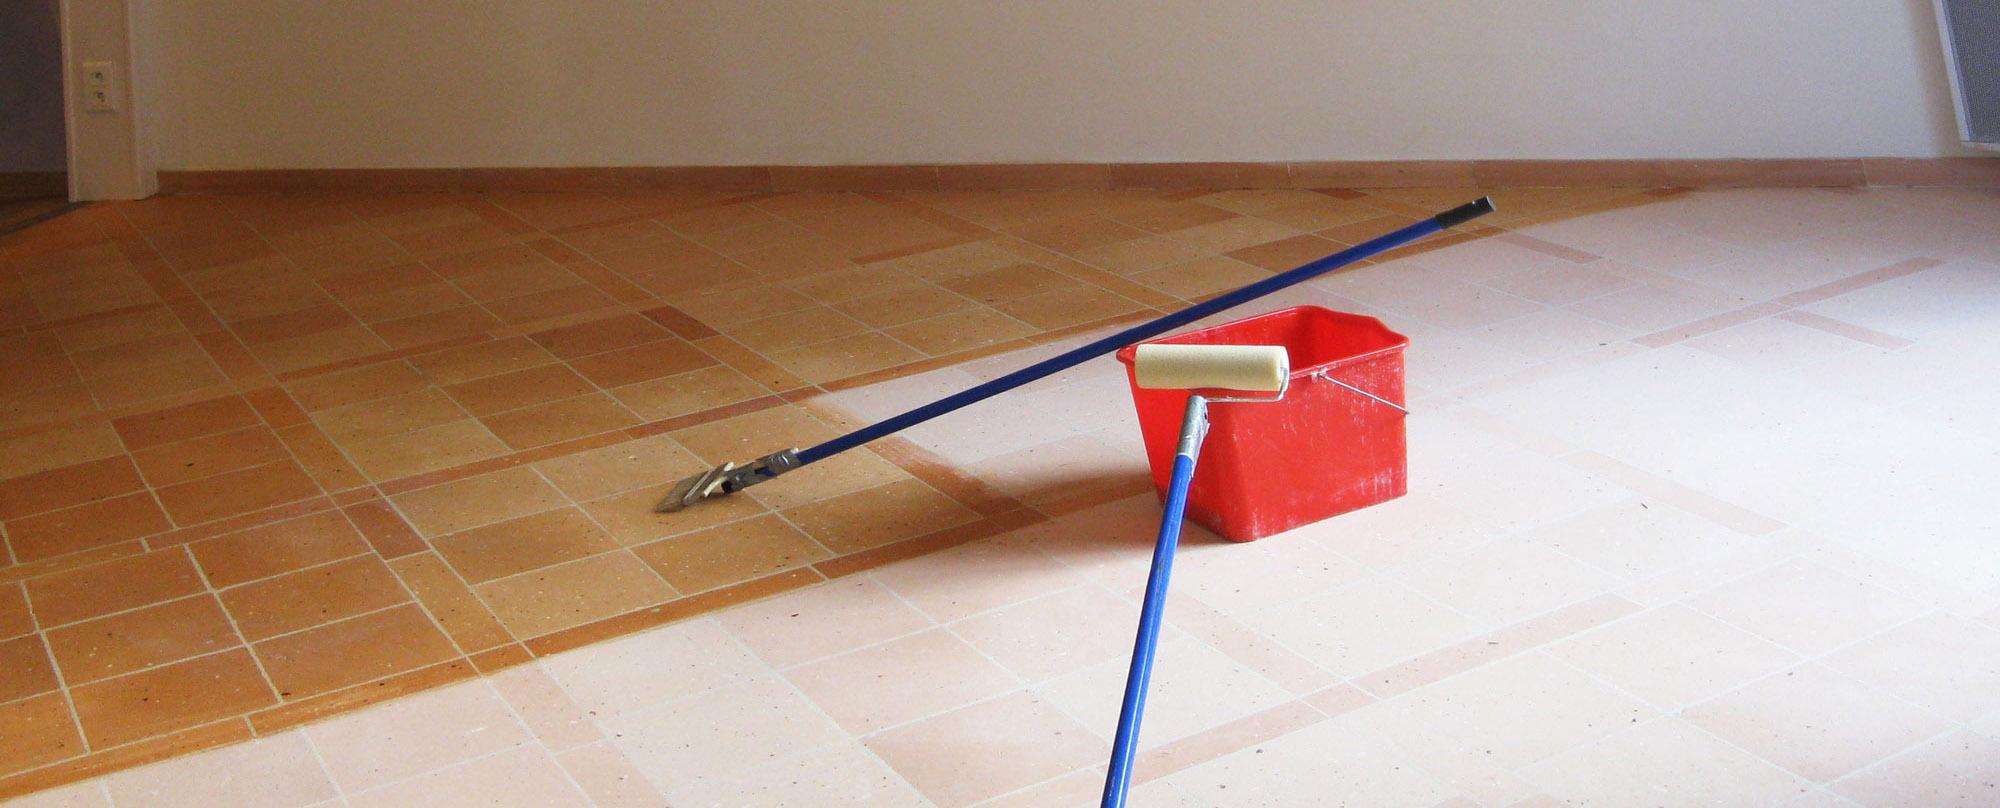 comment renover des tomettes restaurer with comment. Black Bedroom Furniture Sets. Home Design Ideas